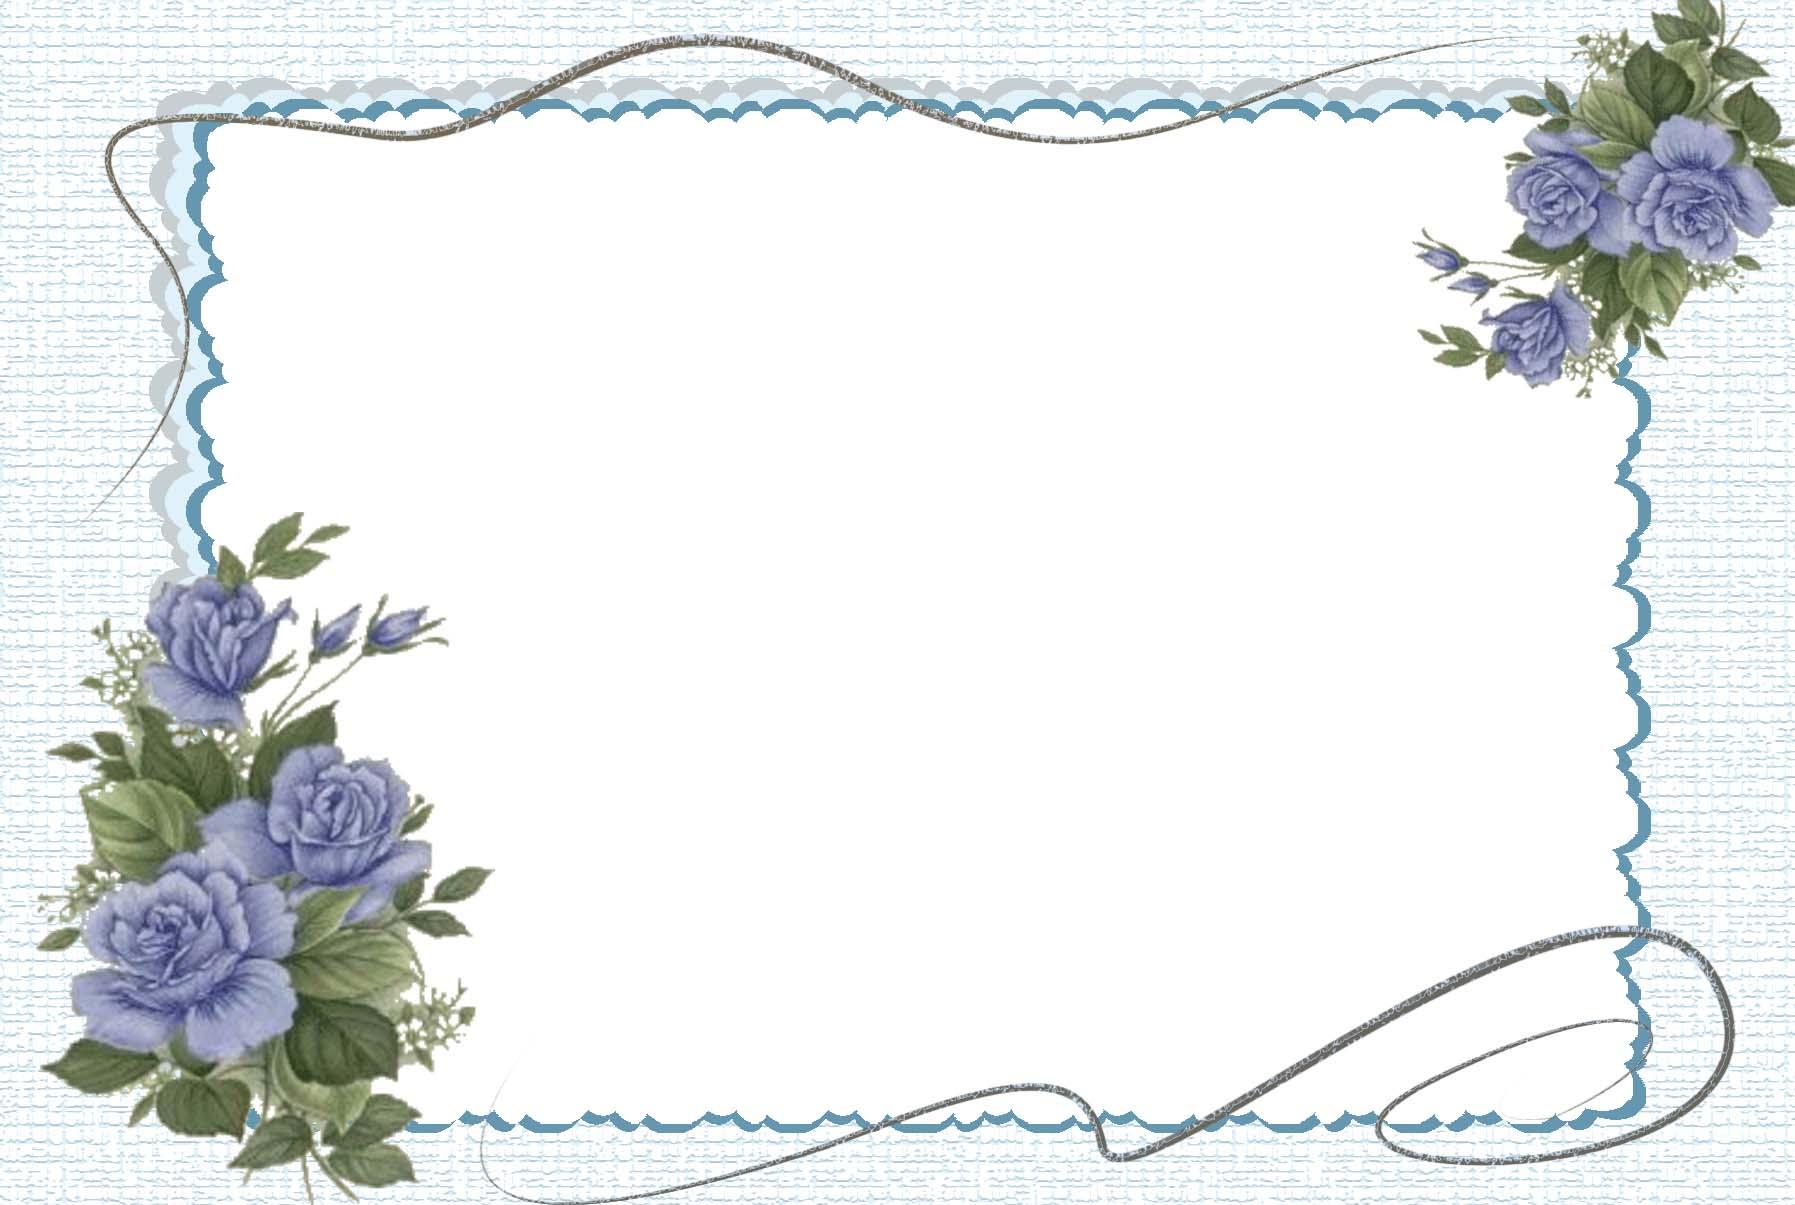 Khung ảnh hoa lá đẹp nhất